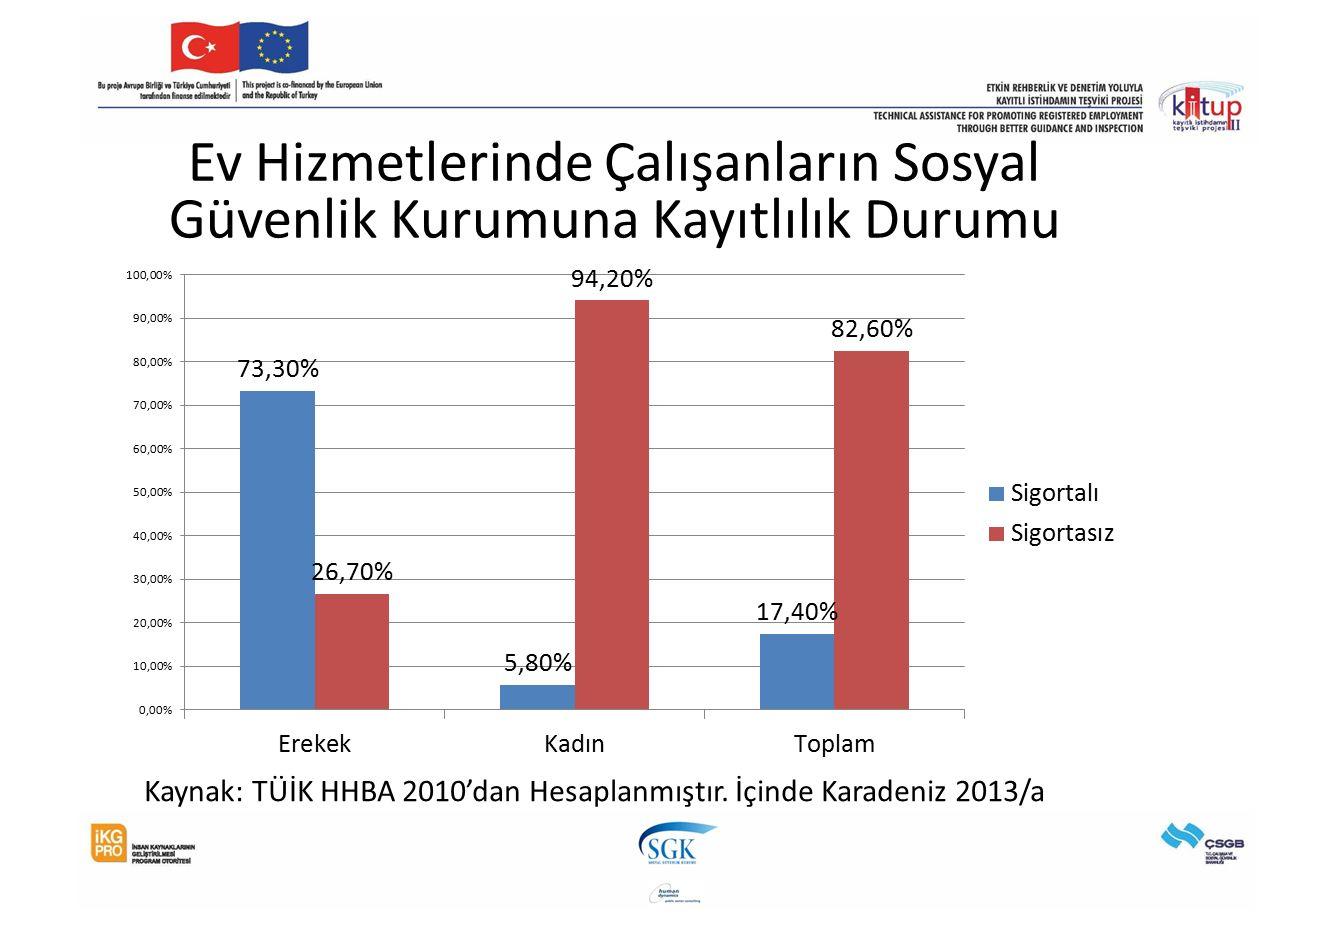 Ev Hizmetlerinde Çalışanların Sosyal Güvenlik Kurumuna Kayıtlılık Durumu Kaynak: TÜİK HHBA 2010'dan Hesaplanmıştır. İçinde Karadeniz 2013/a